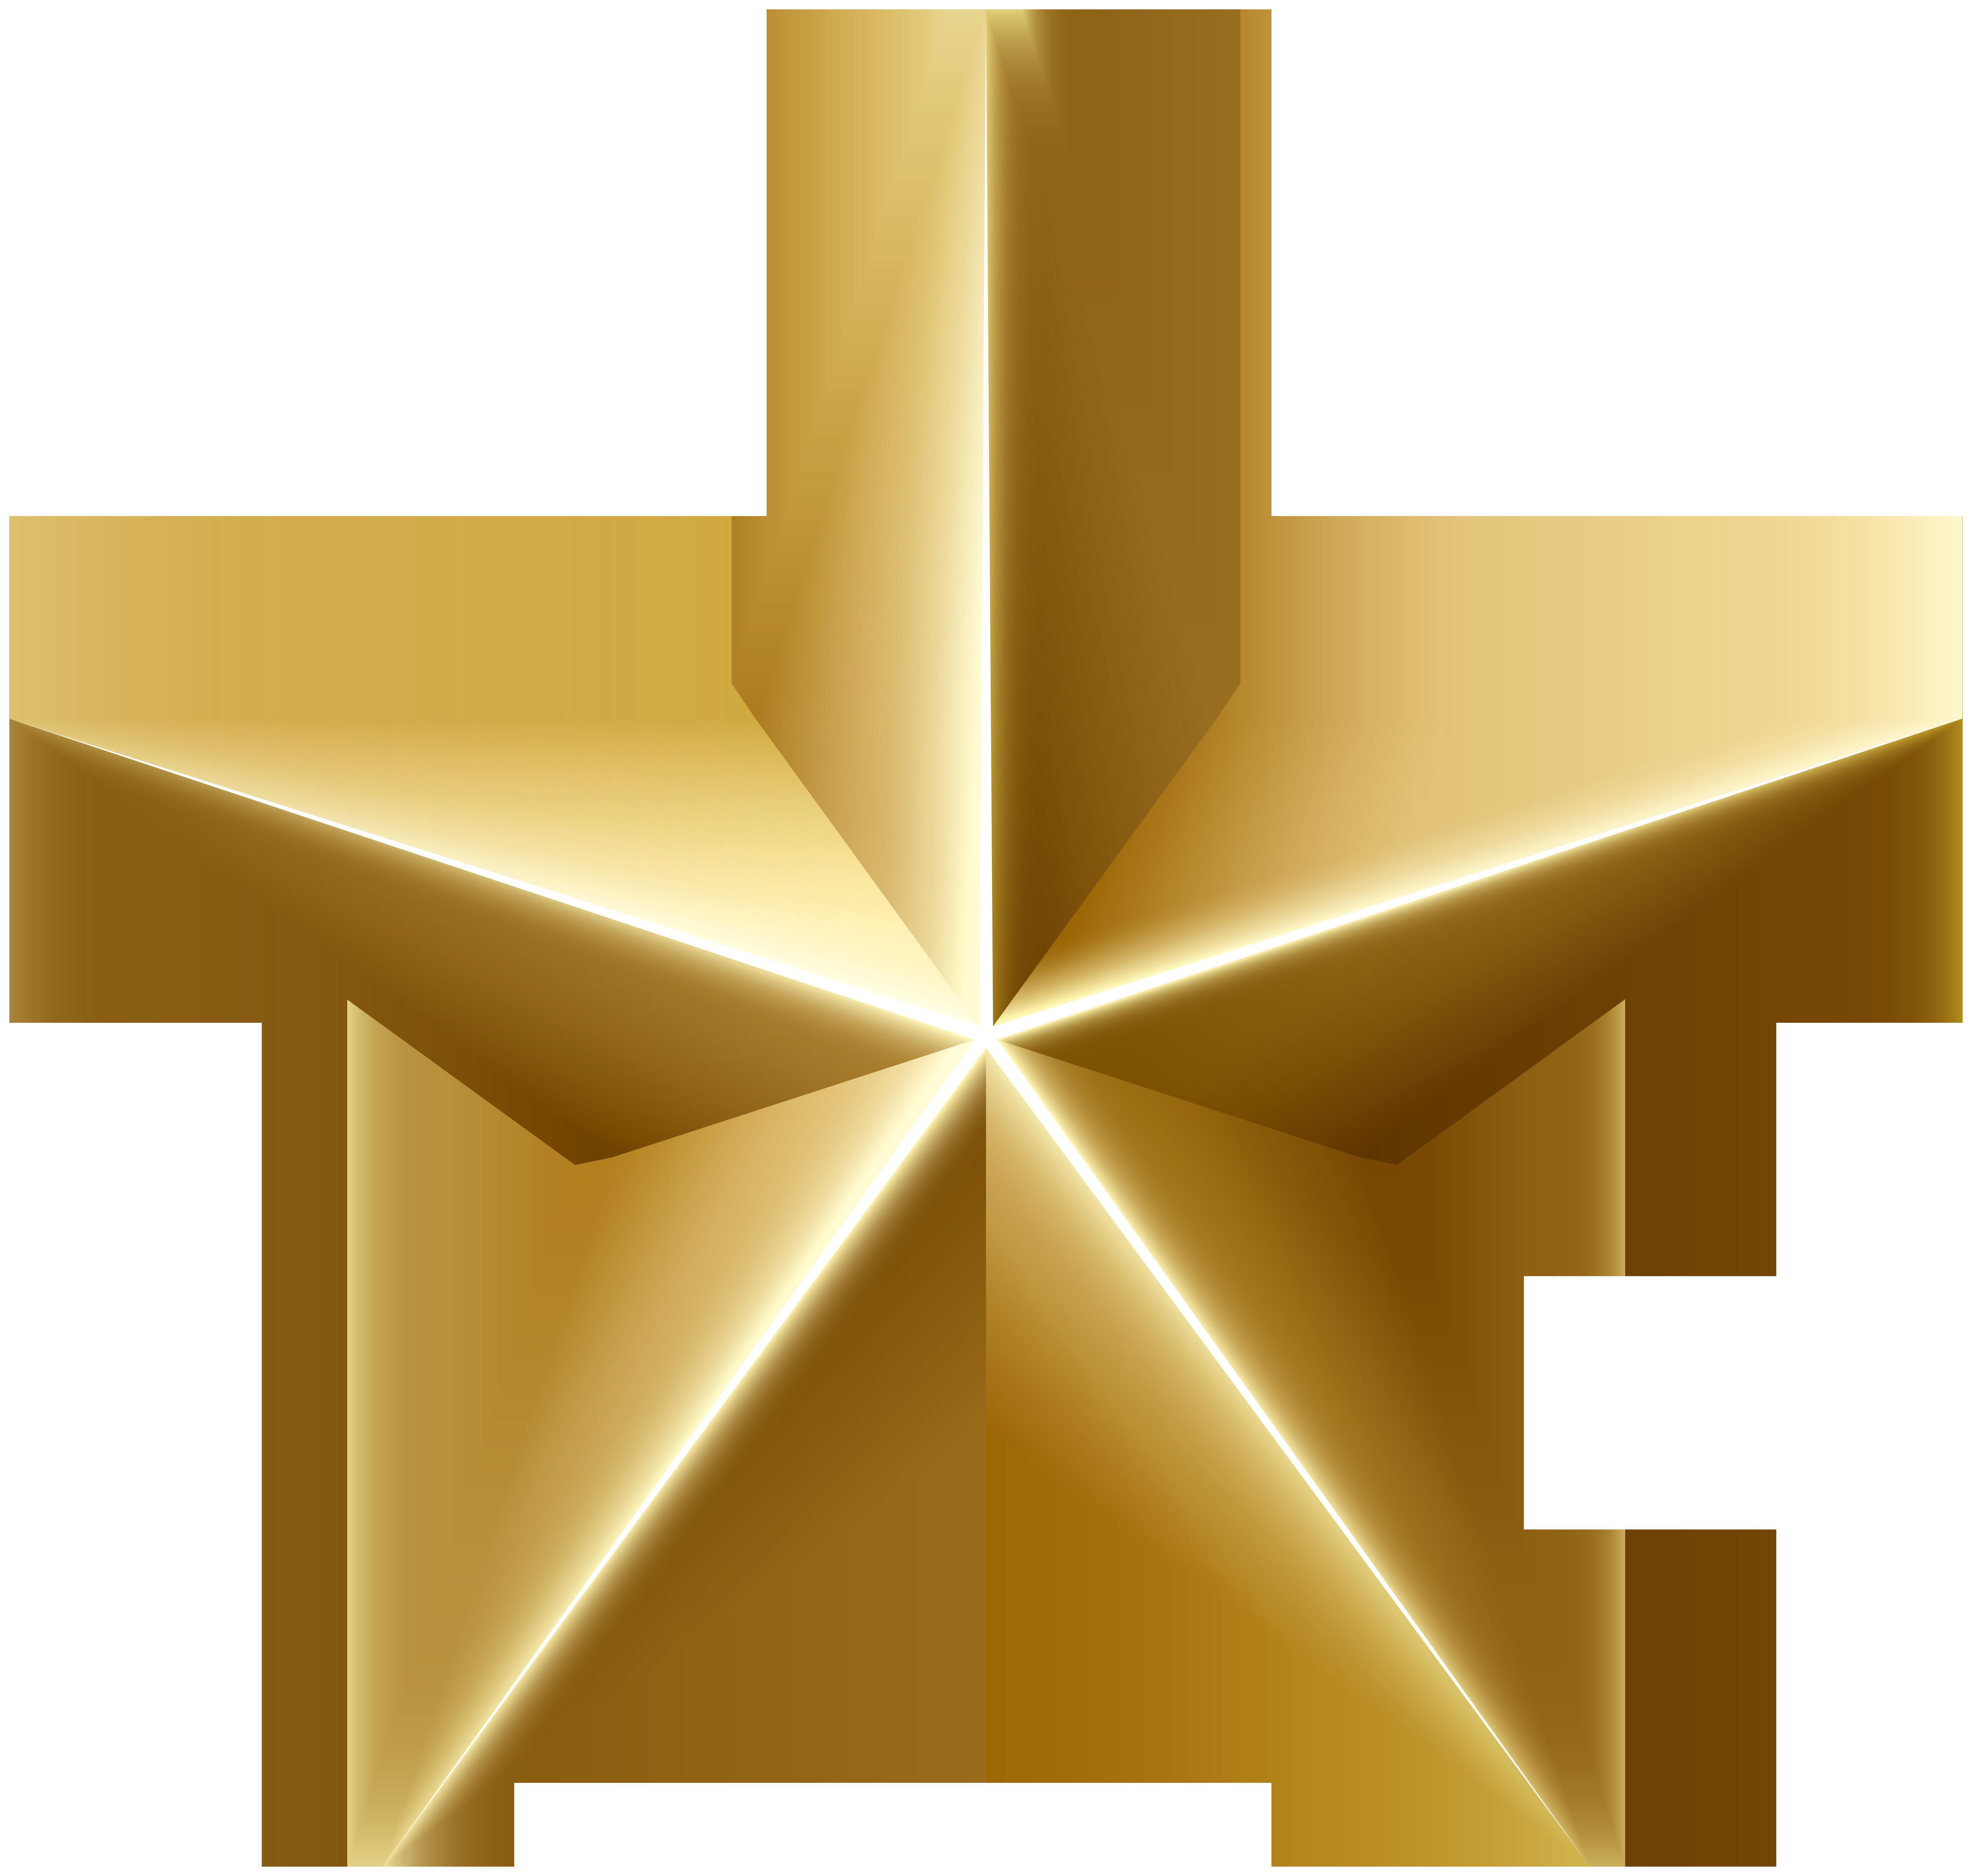 Golden Star PNG Clip Art Image.